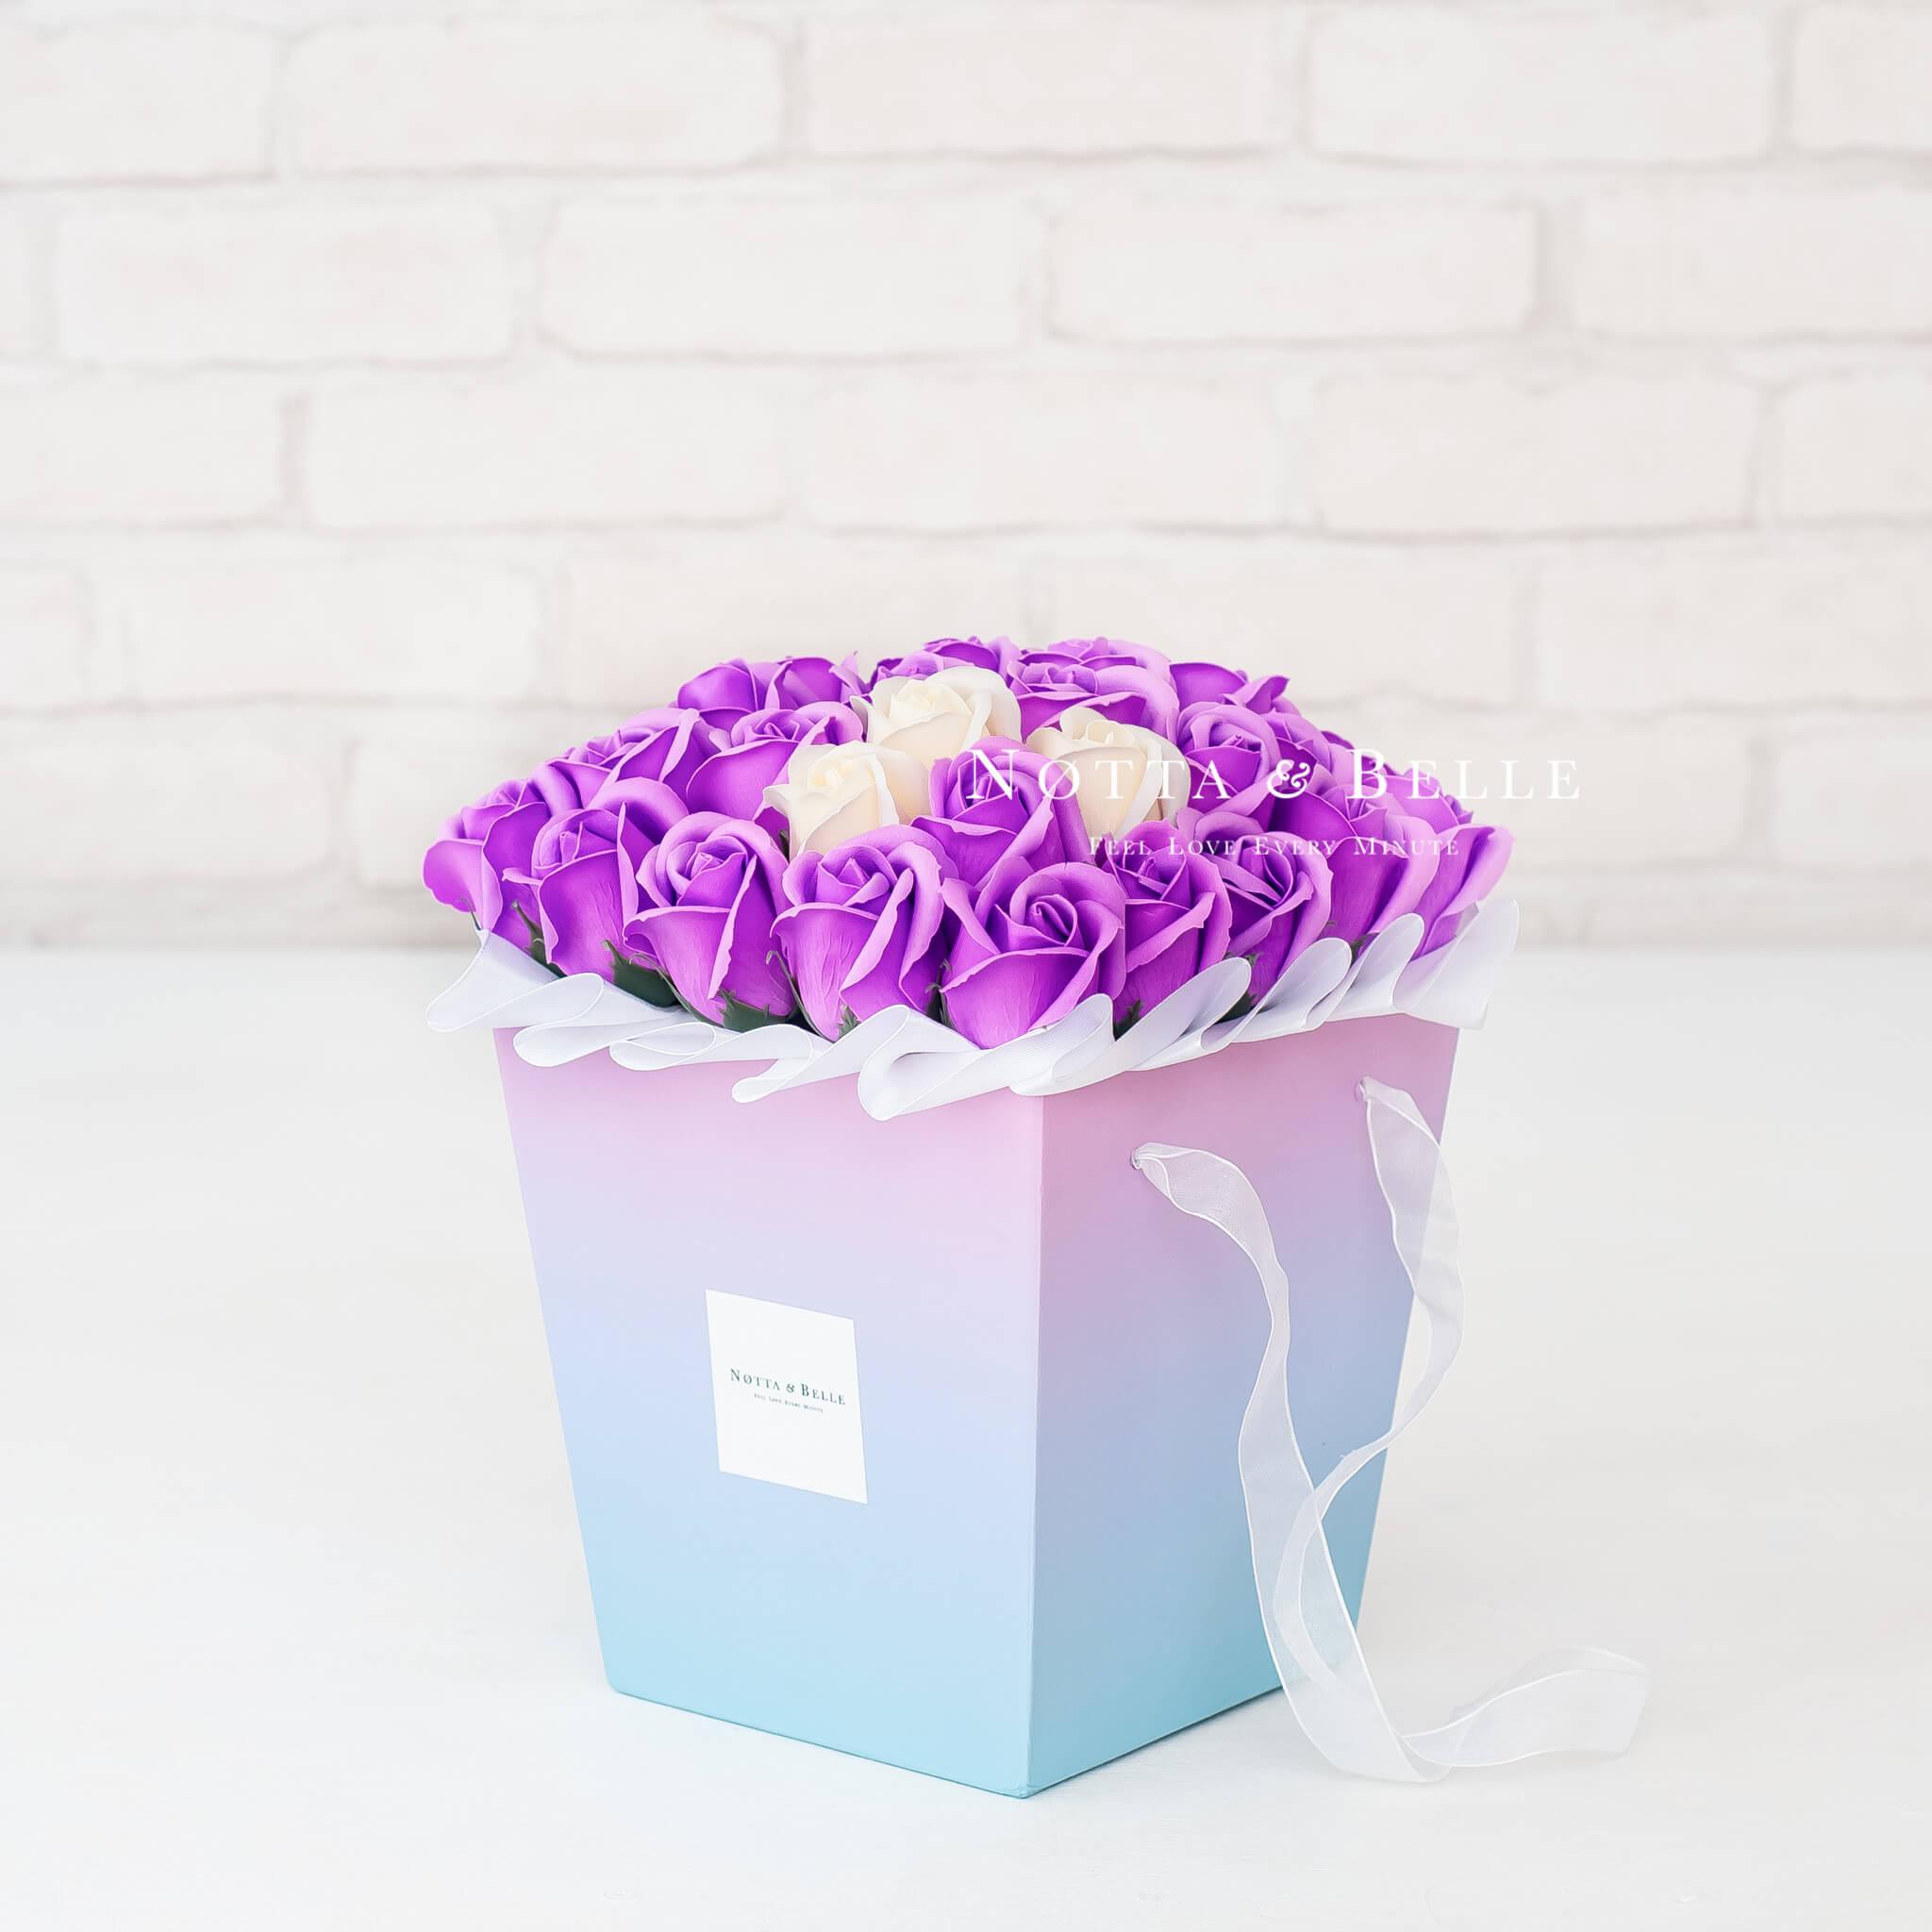 Мыльные розы фиолетового цвета в коробке Ambre